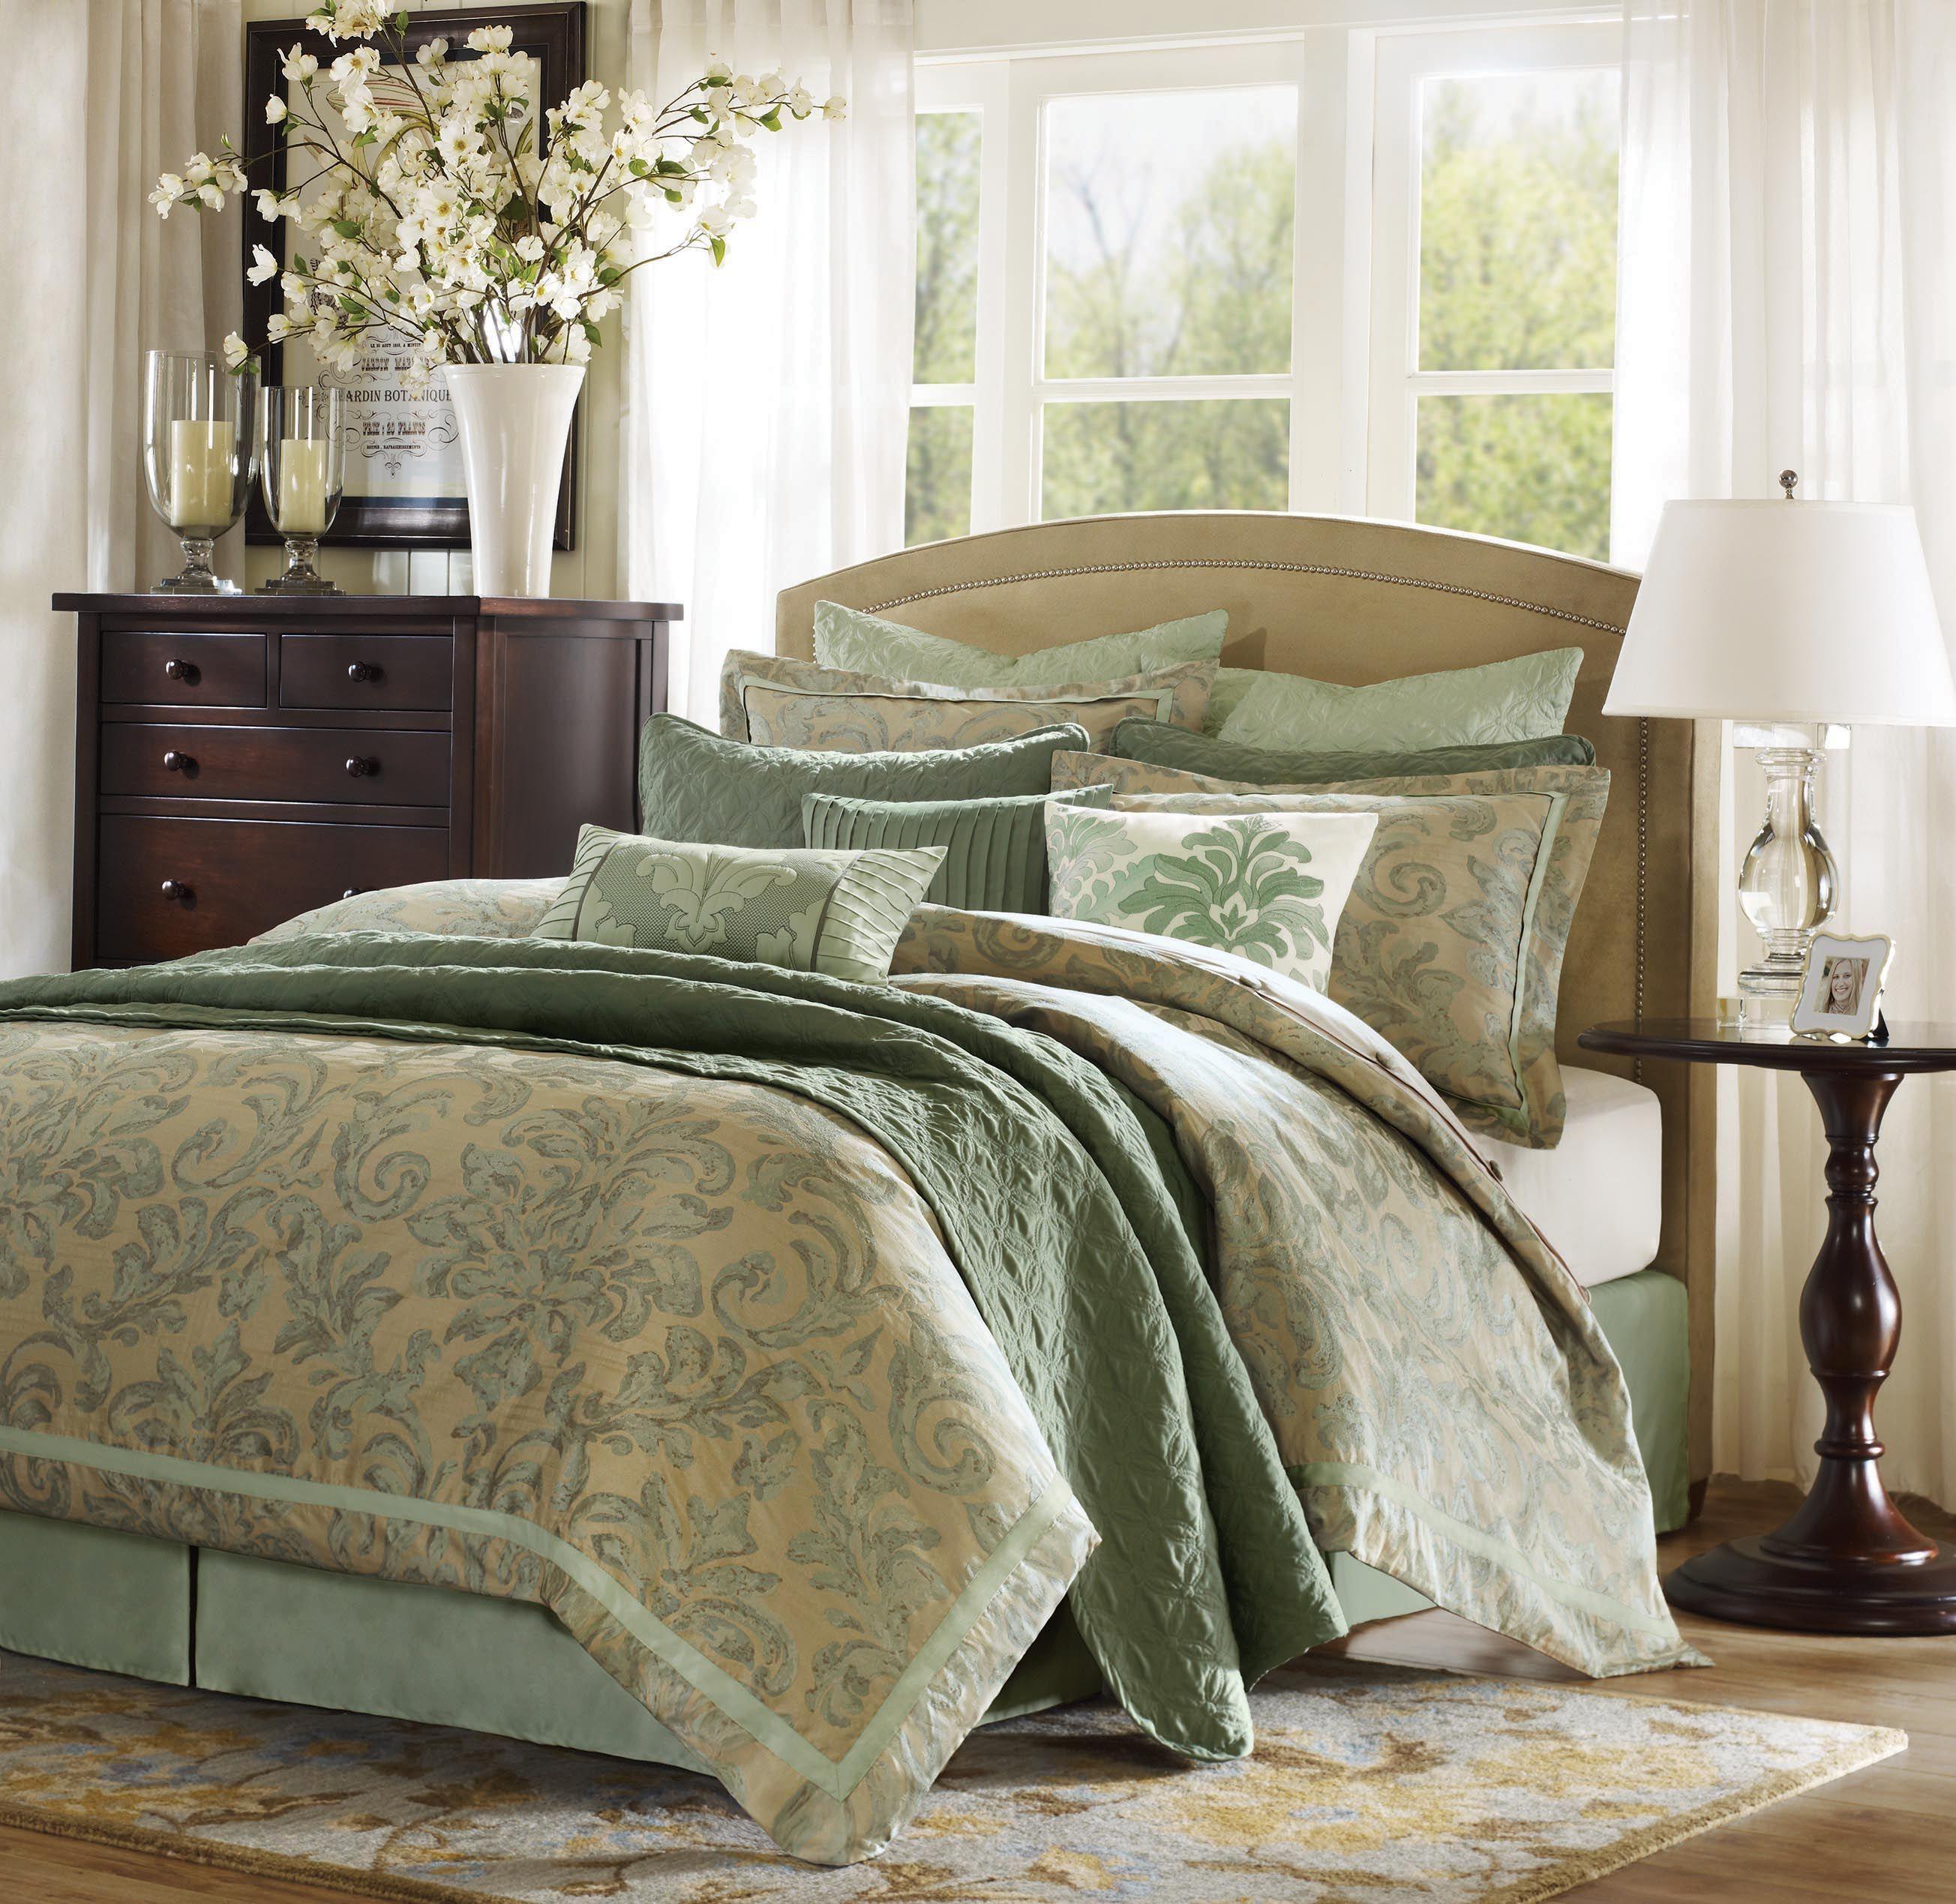 3 Kind Of Elegant Bedroom Design Ideas Includes A: Hampton Hill Bedding @ Www.oLLiix.com